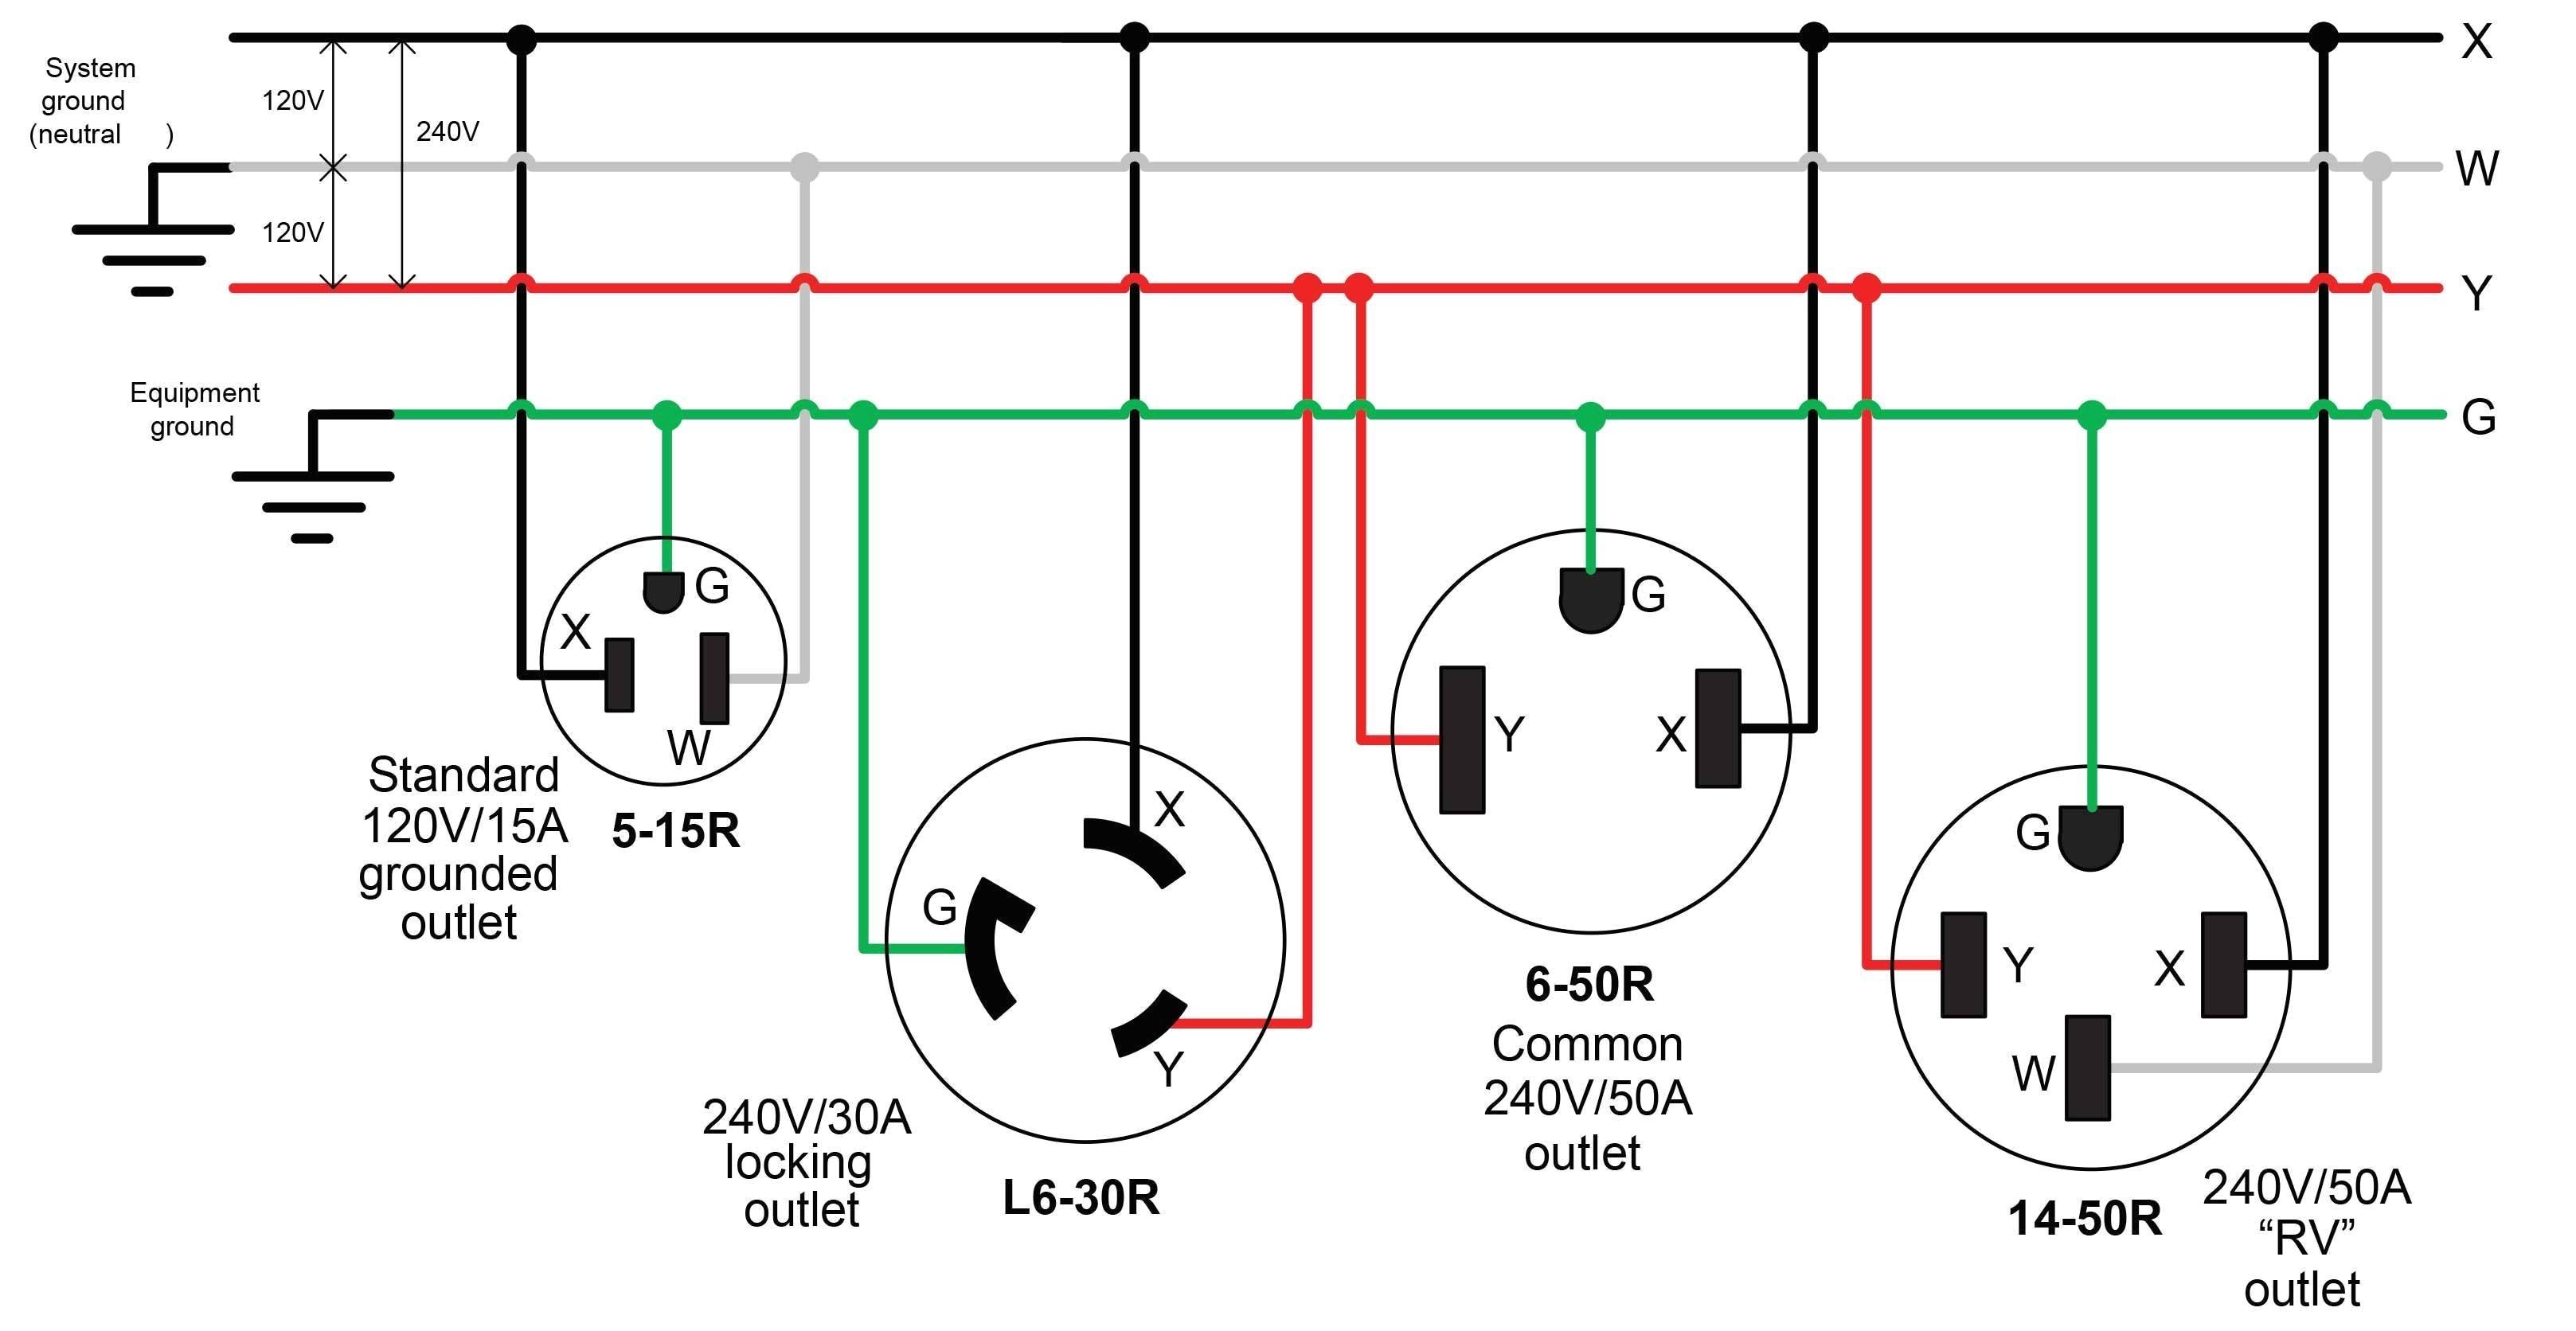 3 Wire Switch Diagram Nema 5 20r Wiring Diagram Wiring Diagrams Of 3 Wire Switch Diagram